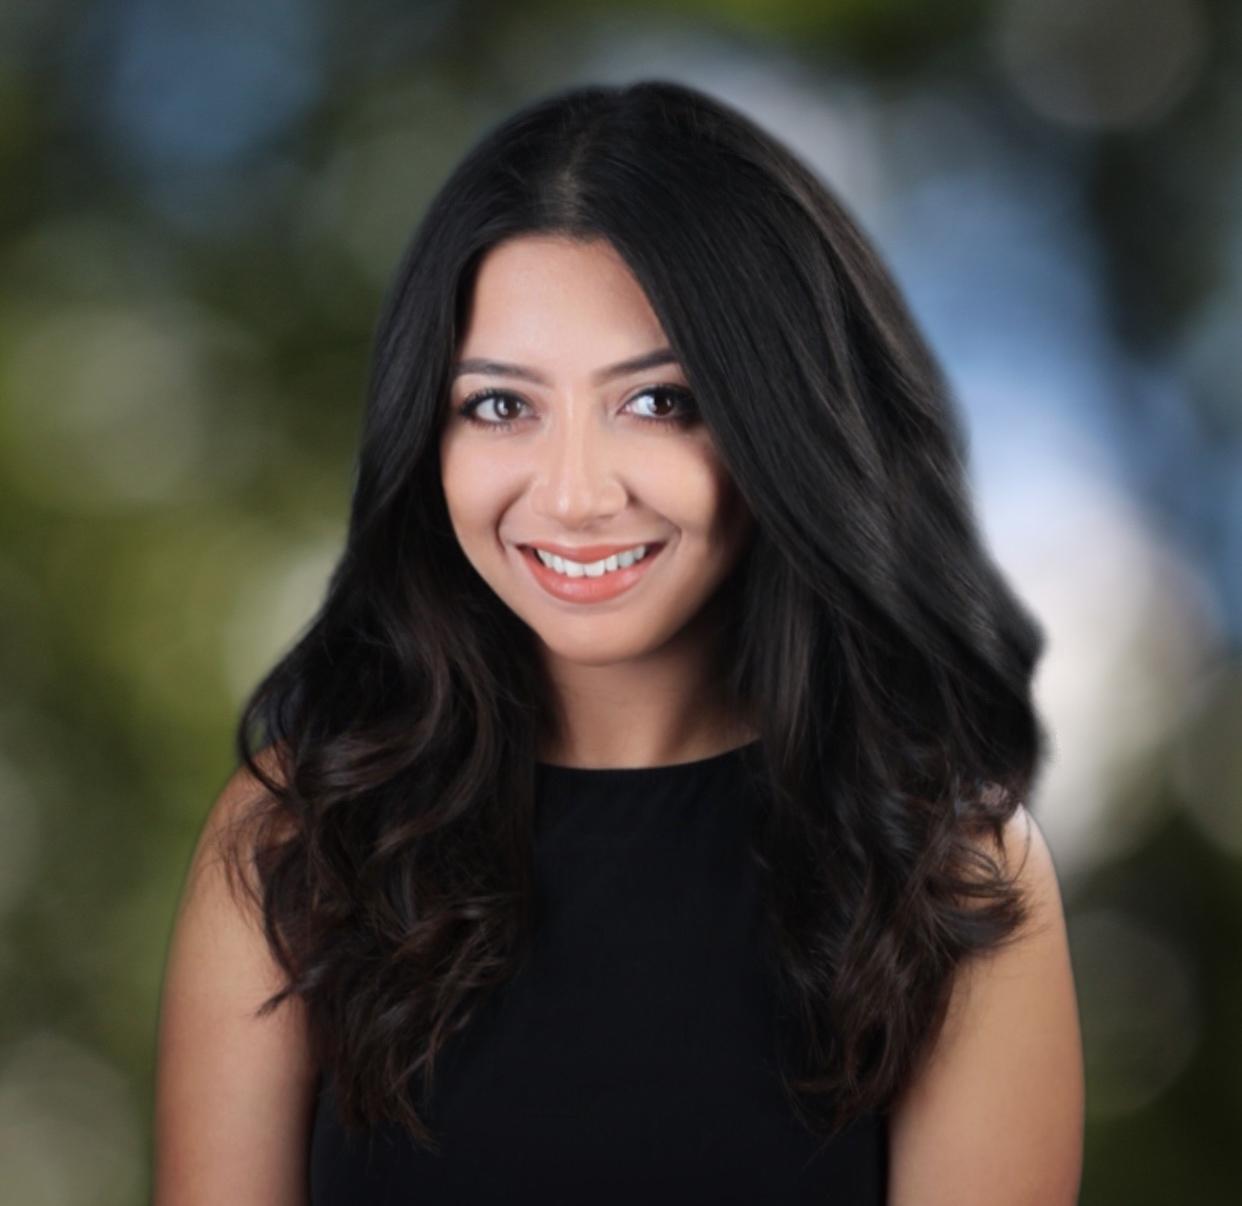 Leah-Ulibarri-New-Employee